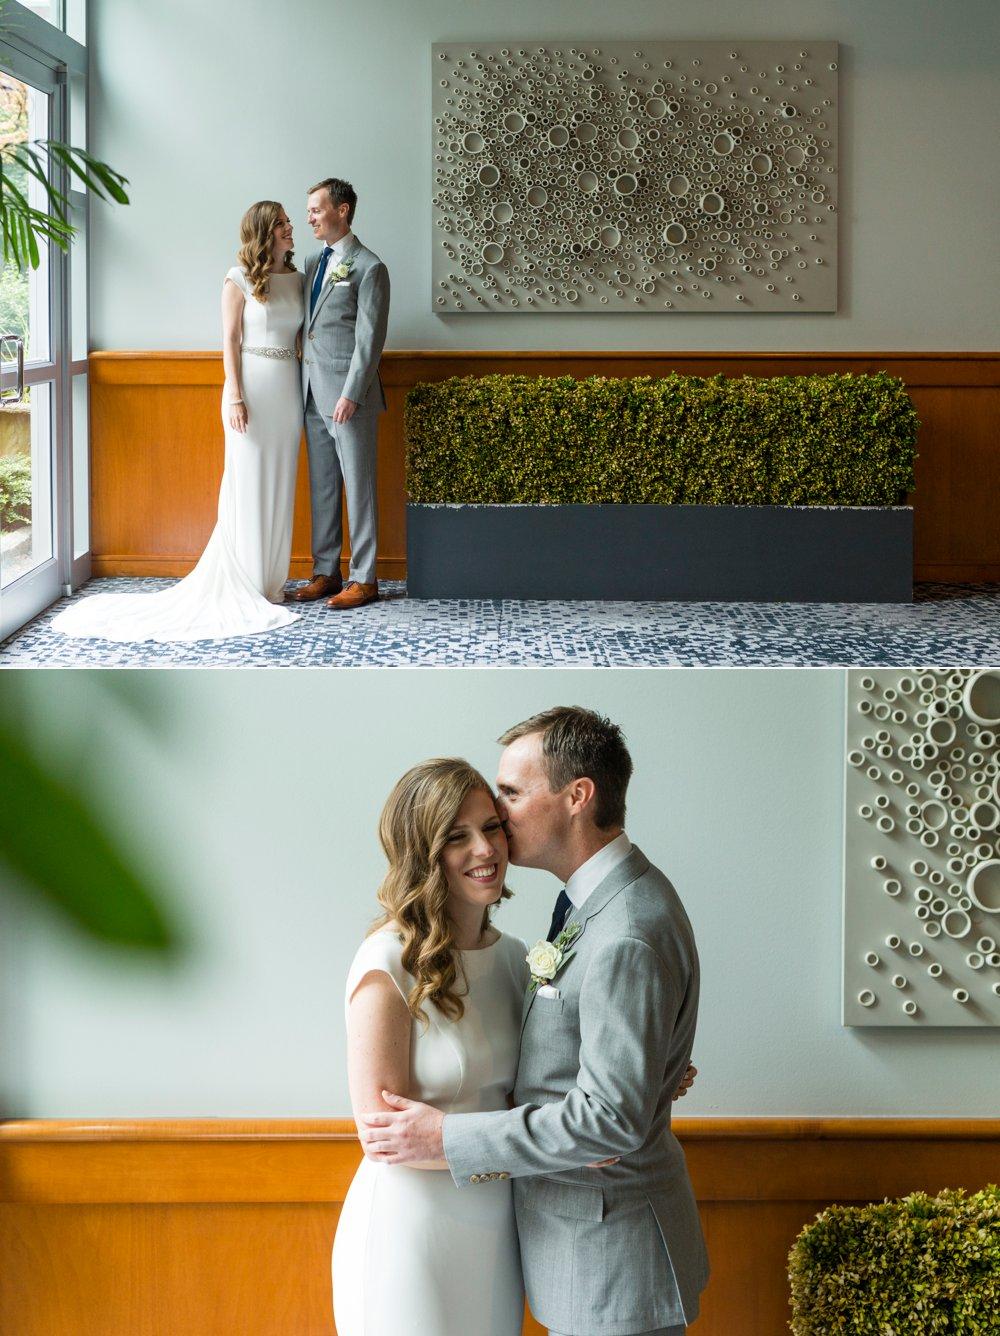 SomerbyJonesPhotography_LoyalNineWedding_LoyalNineRestaurant_LoyalNine_Wedding_0012.jpg